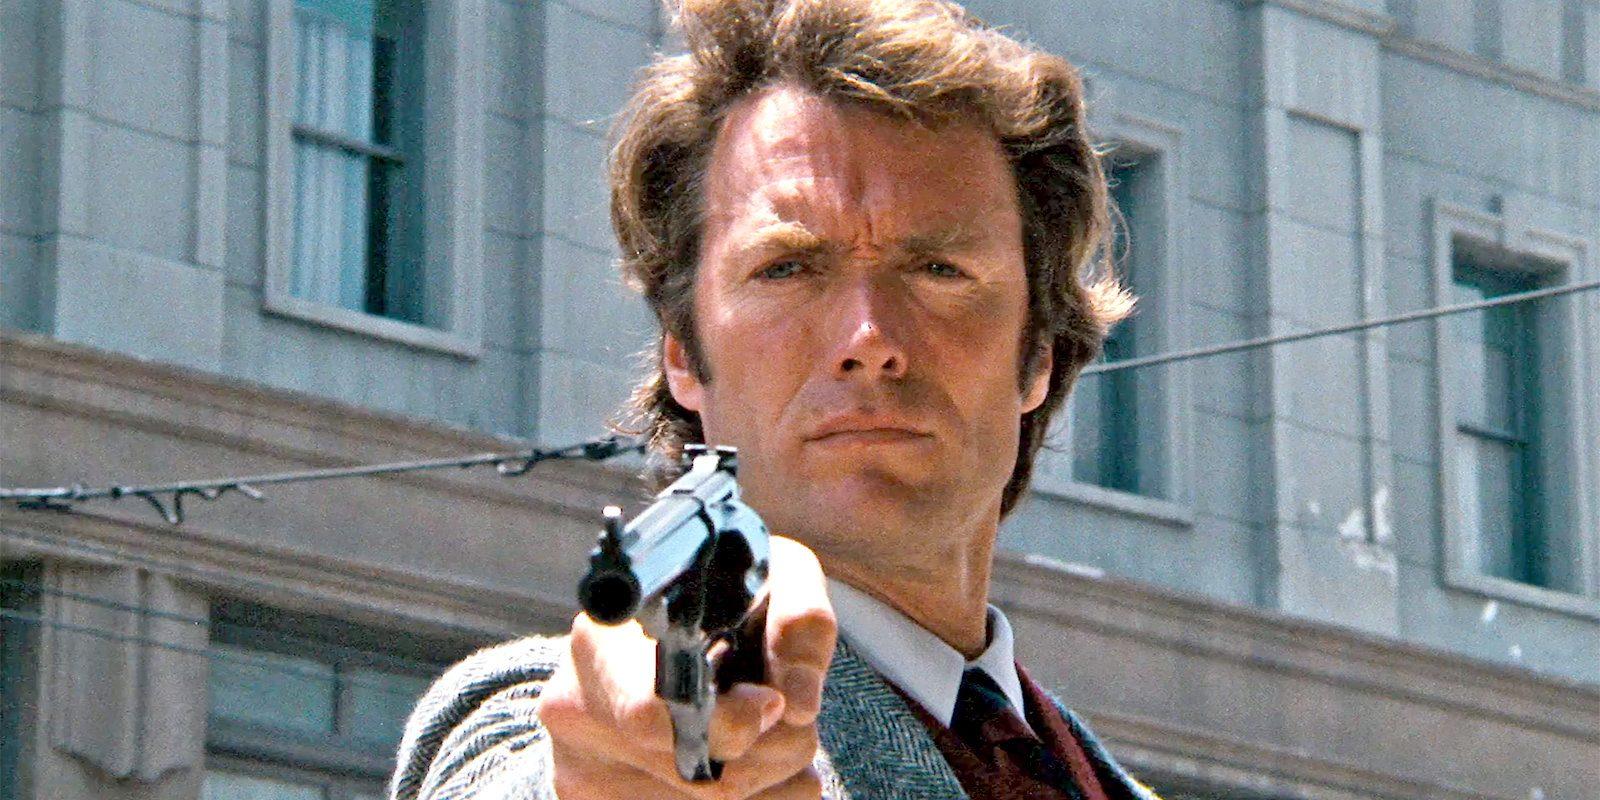 Dirty Harry och hans gigantiska revolver. Foto: Warner Bros. Pictures.